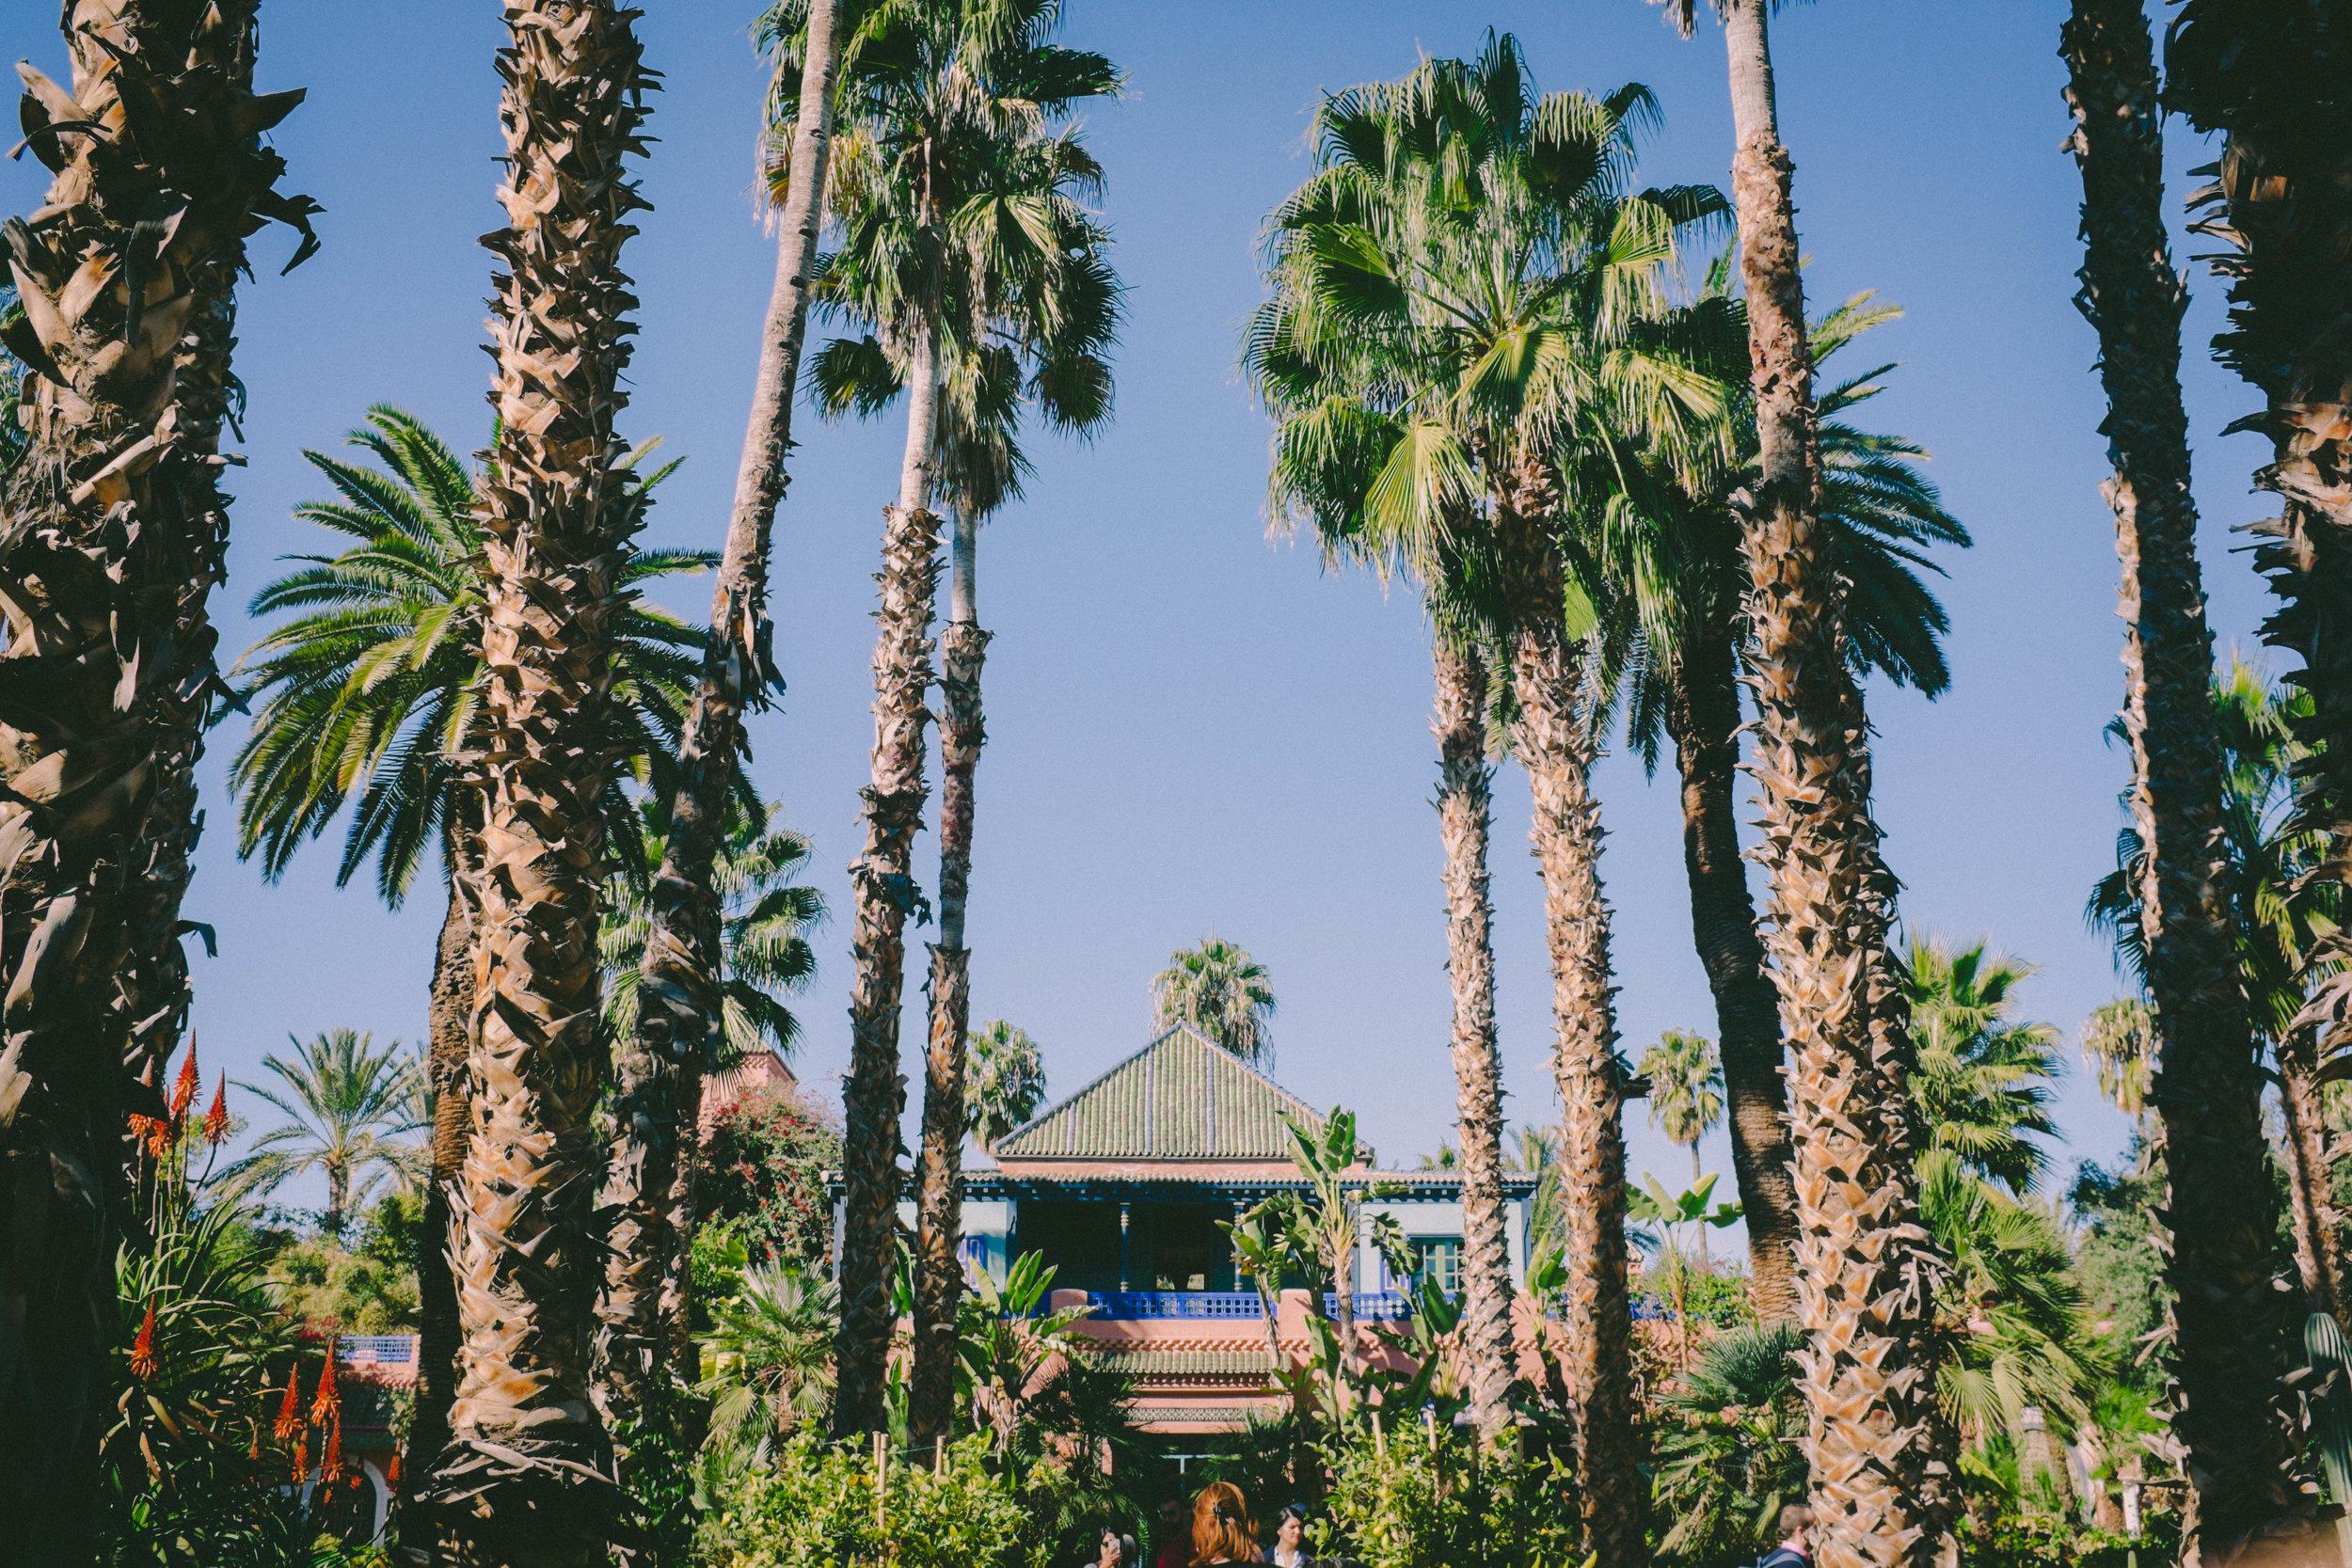 Morocco_Helen_Västrik_Jardin_Majarell_-7.jpg